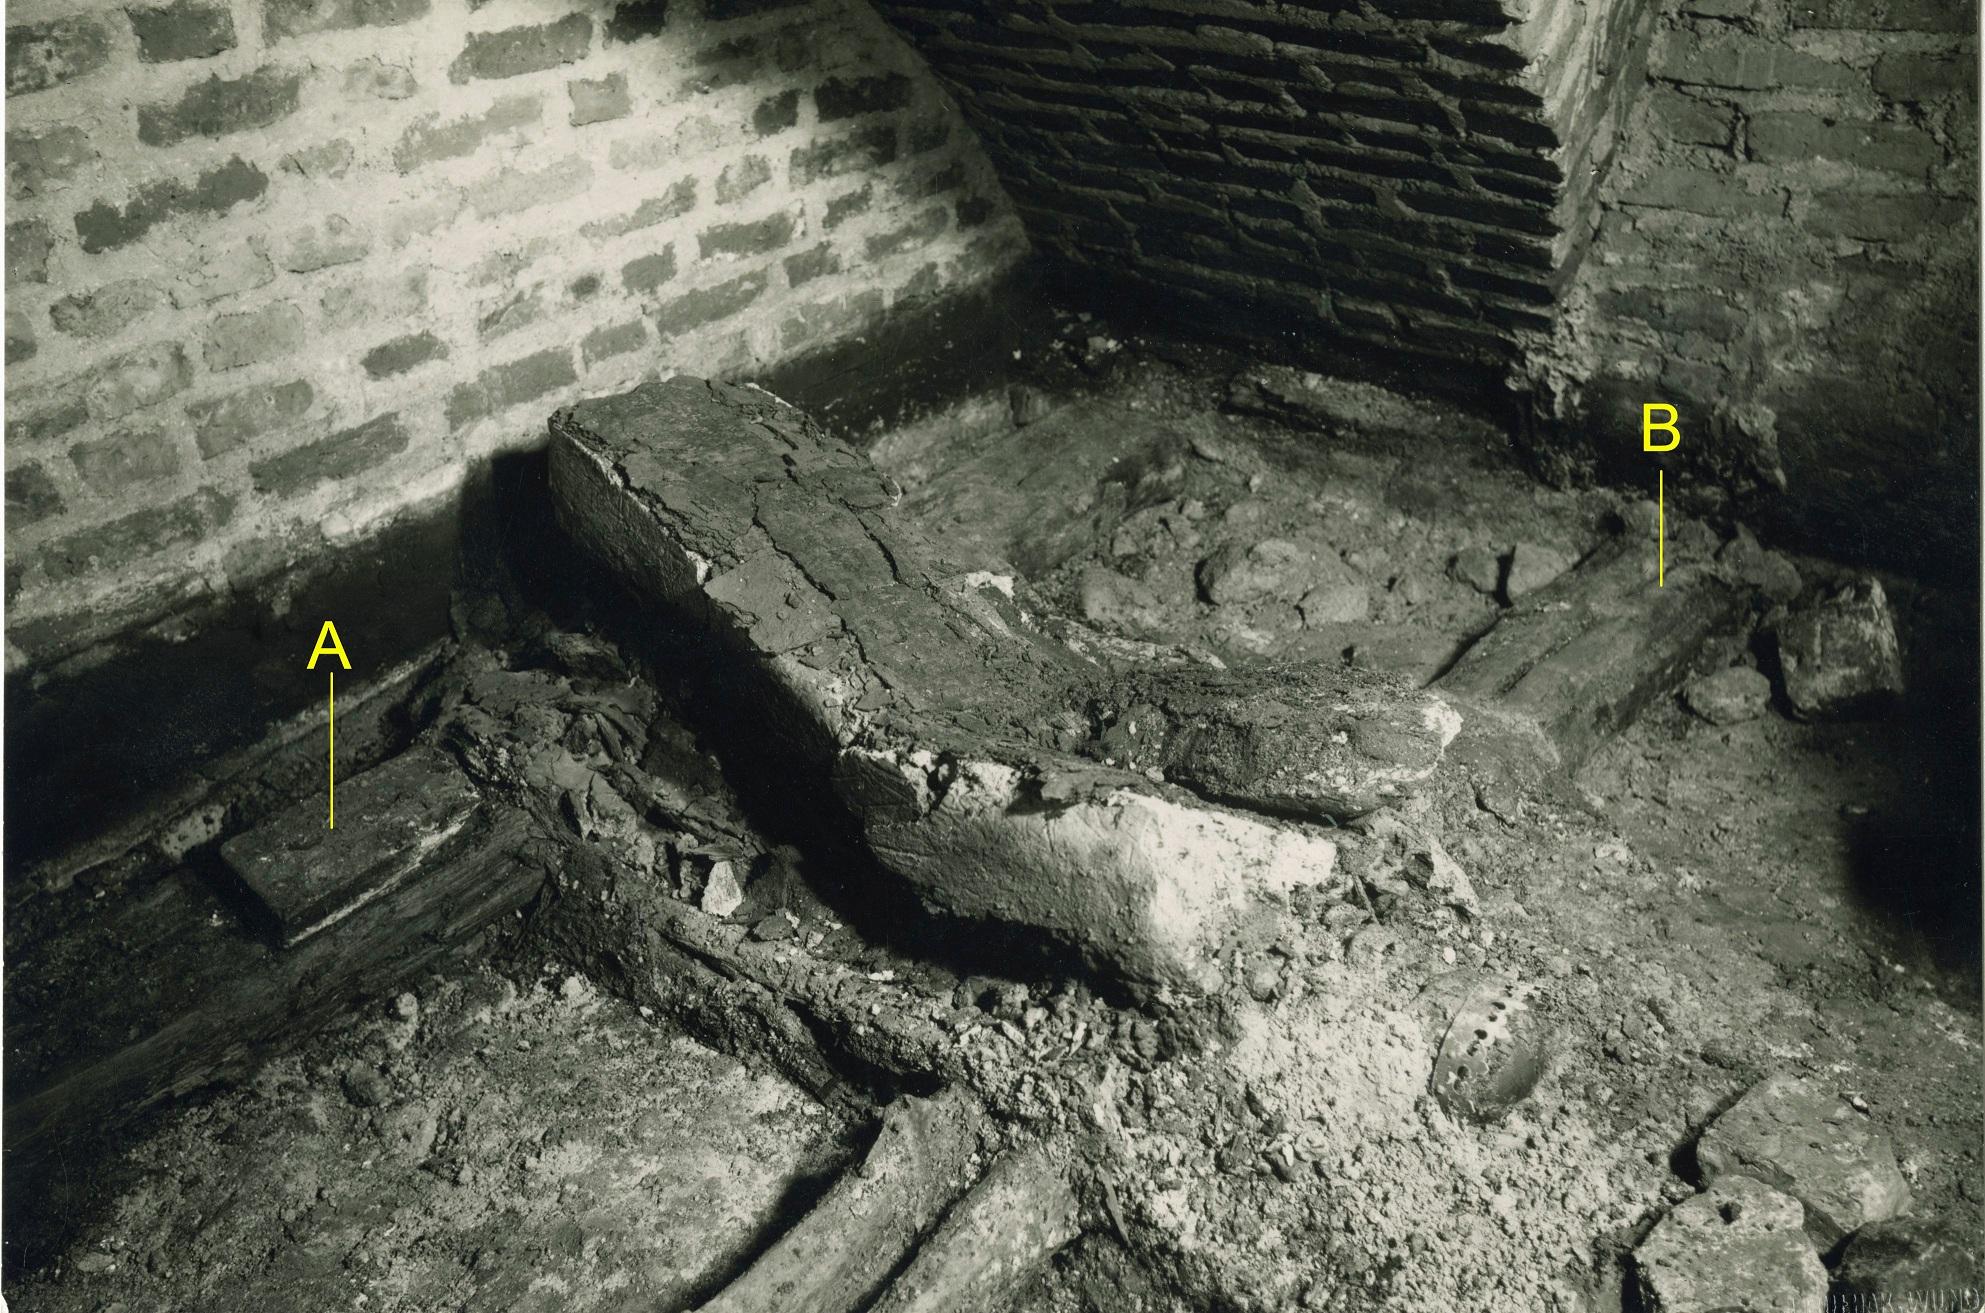 14 pav. Karalių kripta. Barboros Radvilaitės palaikai. Fot. aut. J. Bulhakas. 1931 m.(LVIA 1135-3-308(30): A – gotikinė plyta – spėjama viduriniojo karsto kojūgalio pakyla, B – rąstas, ant kurio buvo sudėti Elžbietos Habsburgaitės palaikai